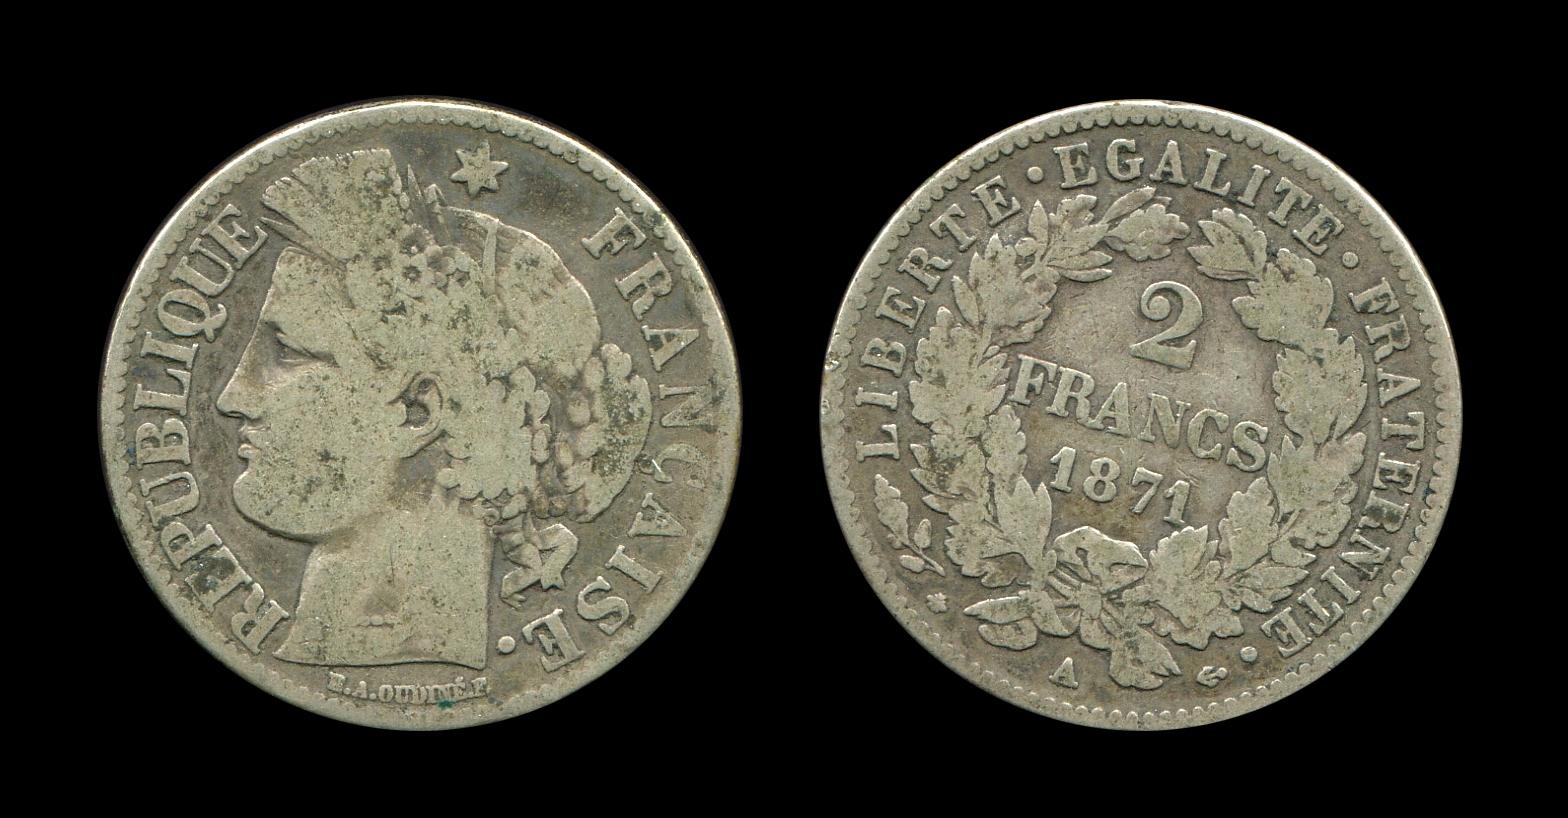 Troisième République 2 francs type Cérès_0